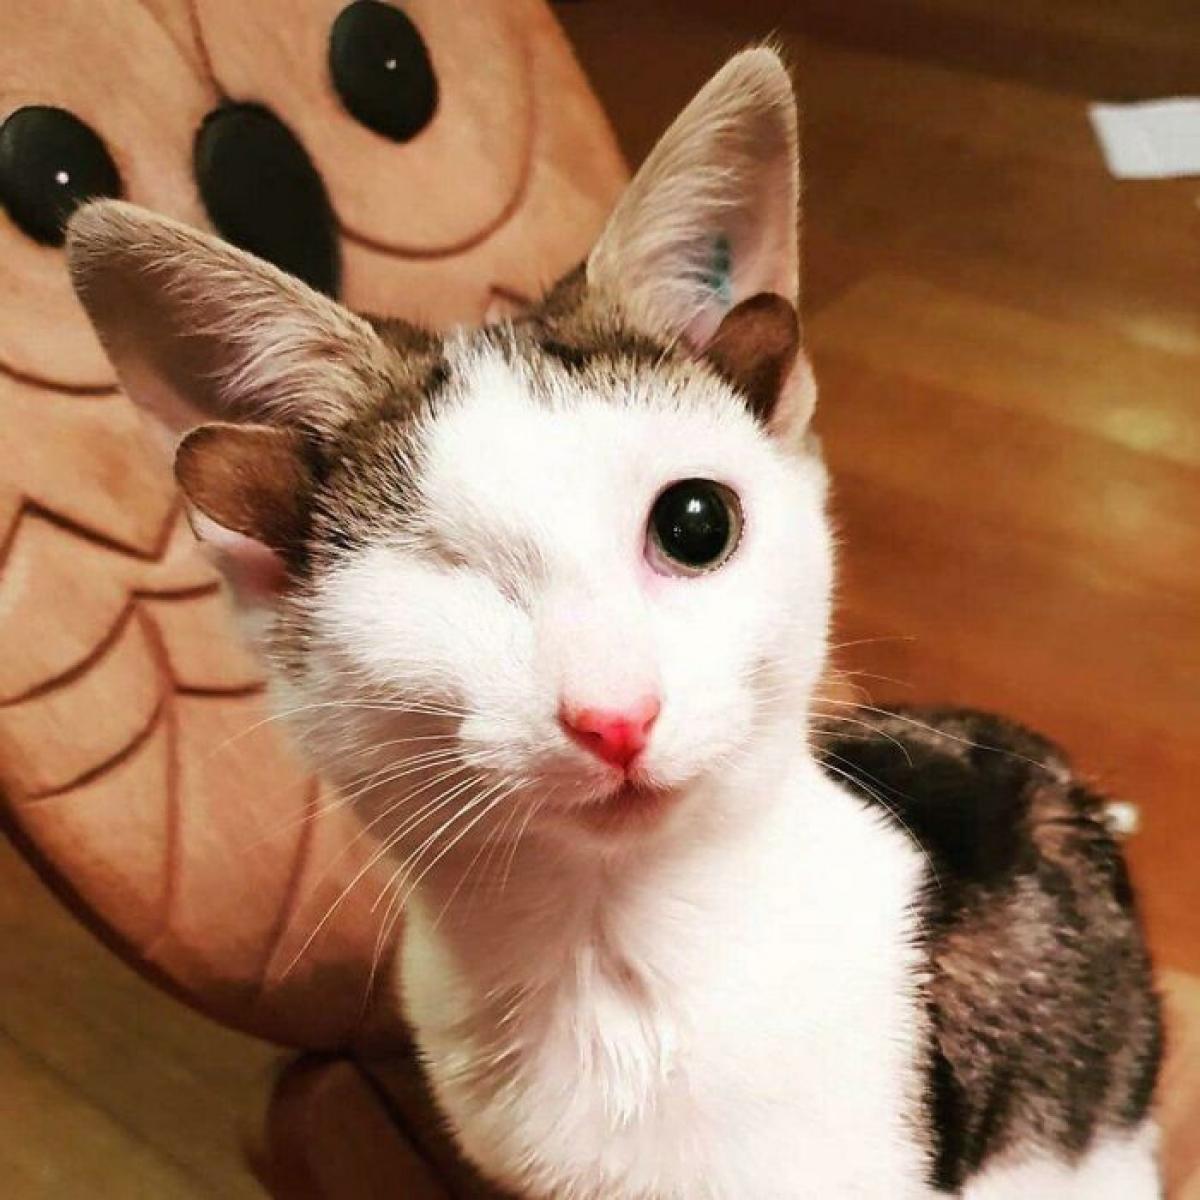 Chú mèo Frankie chỉ có một mắt và có tới 4 tai, nhưng với chúng tôi, nó luôn luôn hoàn hảo.